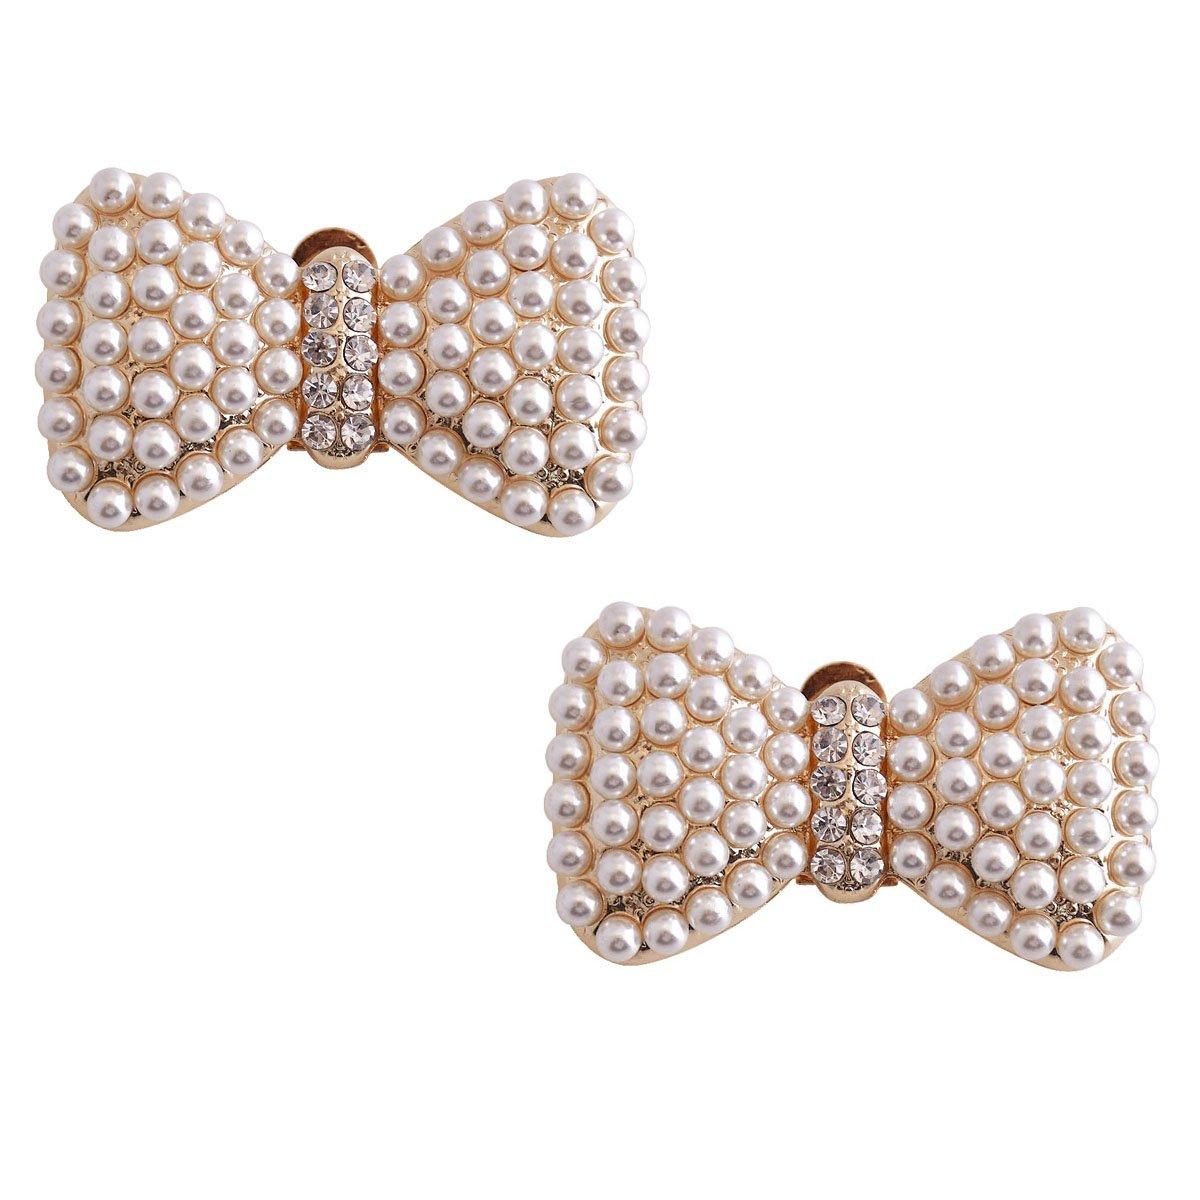 ElegantPark CE 2 Pcs Shoe Clips Pearls Bows Design Wedding Party Decoration Gold